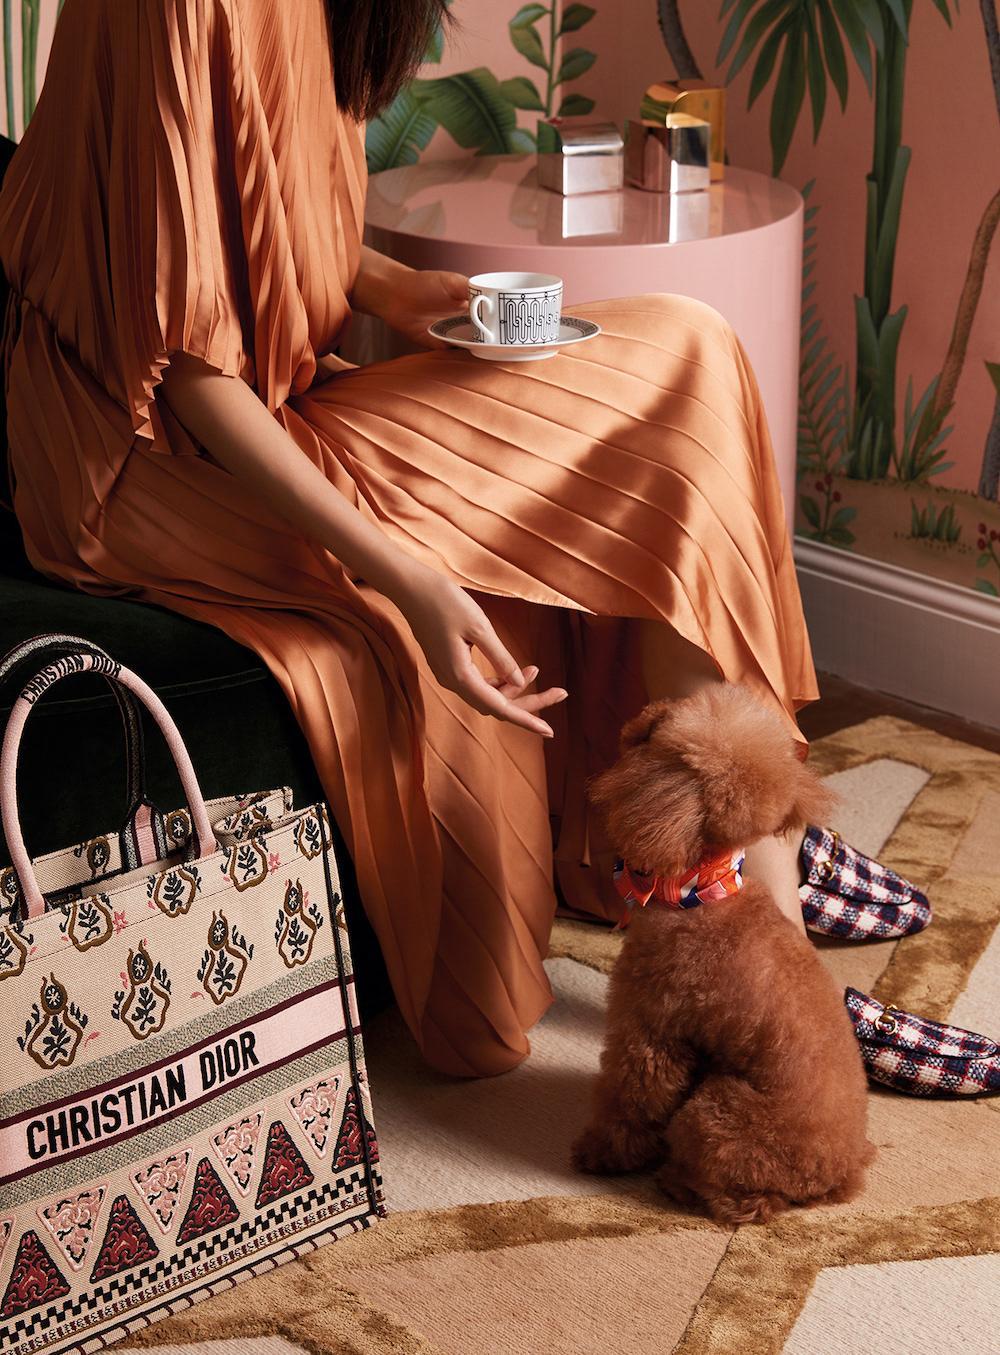 Christian Dior elegant handbag for women for spring-summer season